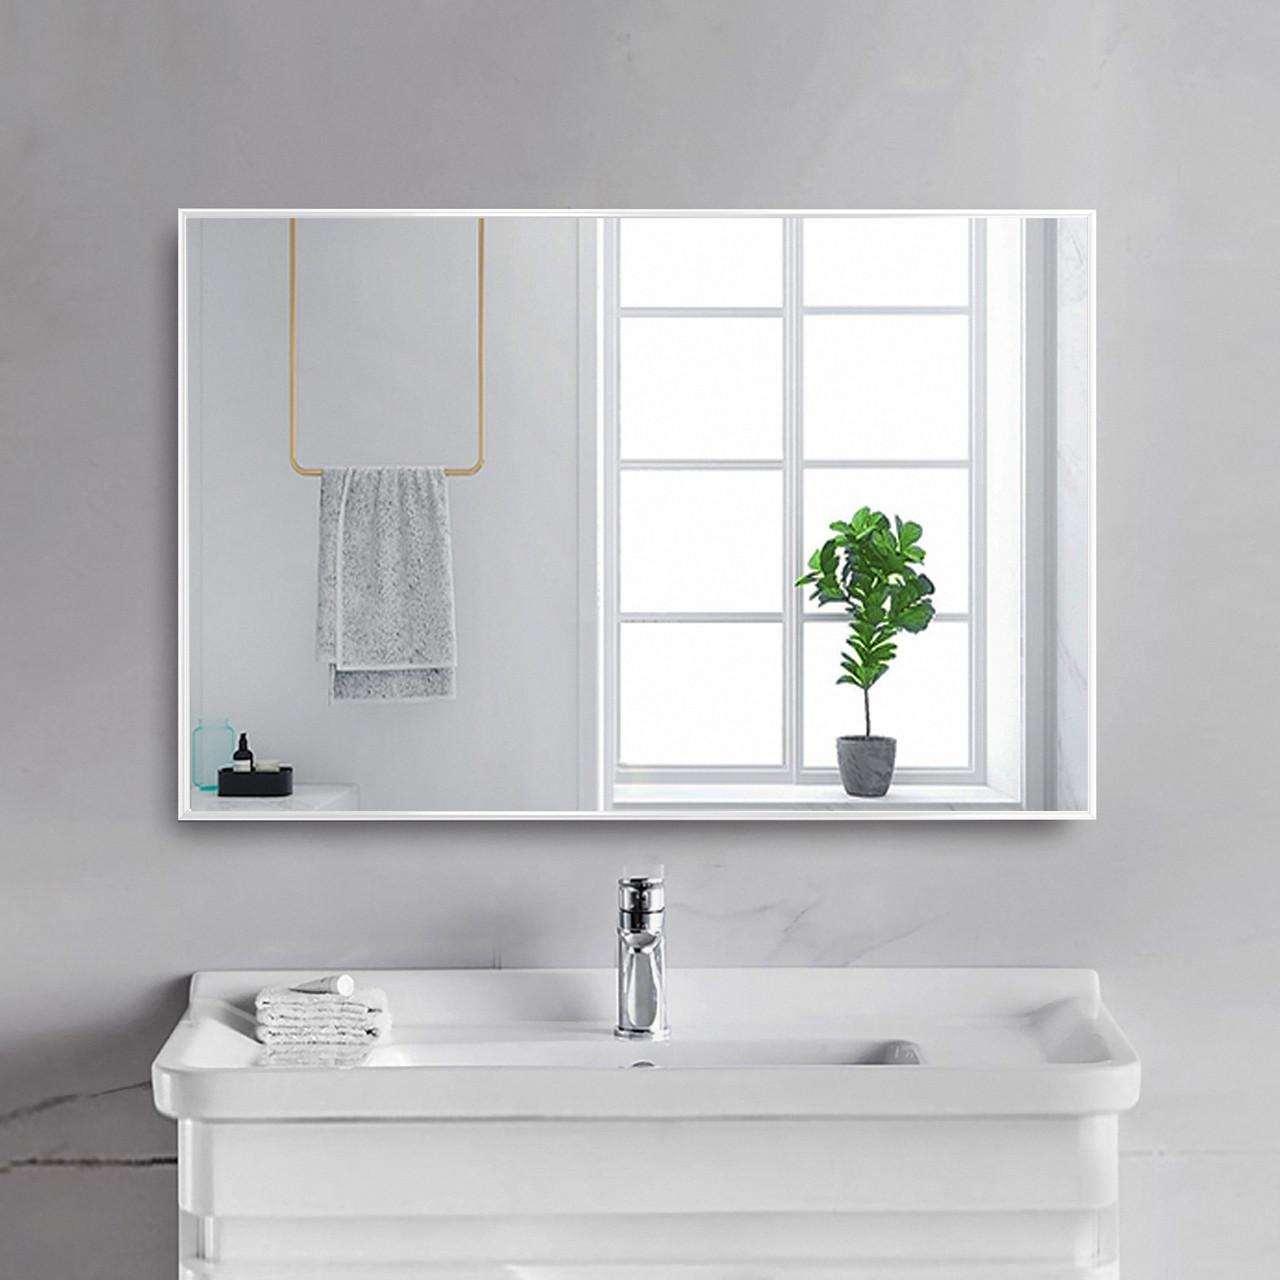 Зеркало в алюминиевой раме для ванной 700х500 мм  белого цвета пр. Украина